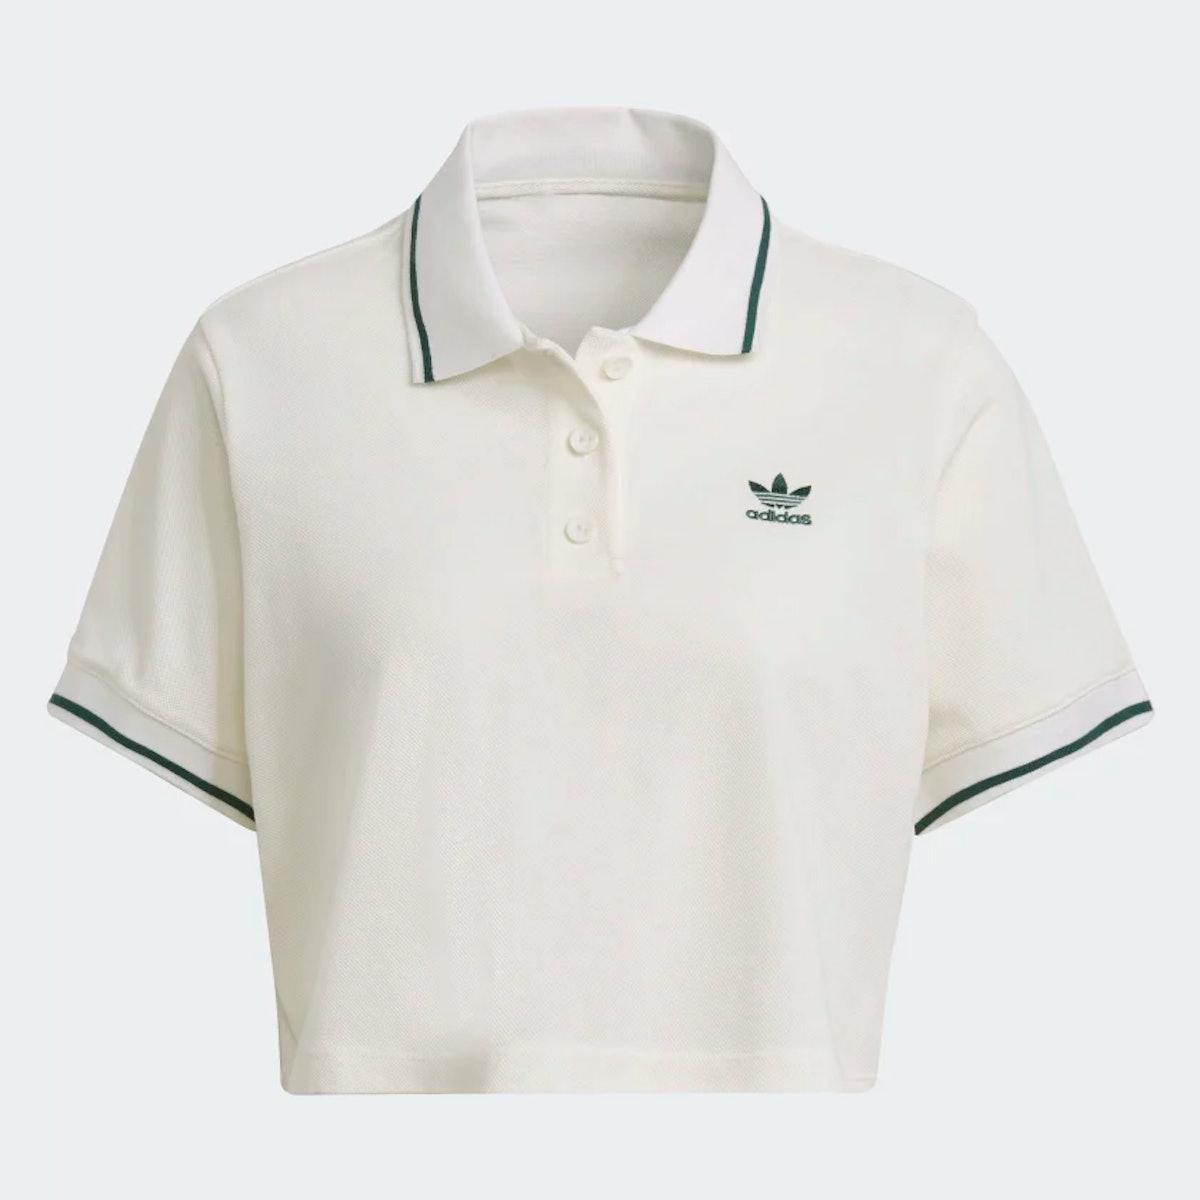 Tennis Luxe Polo Shirt